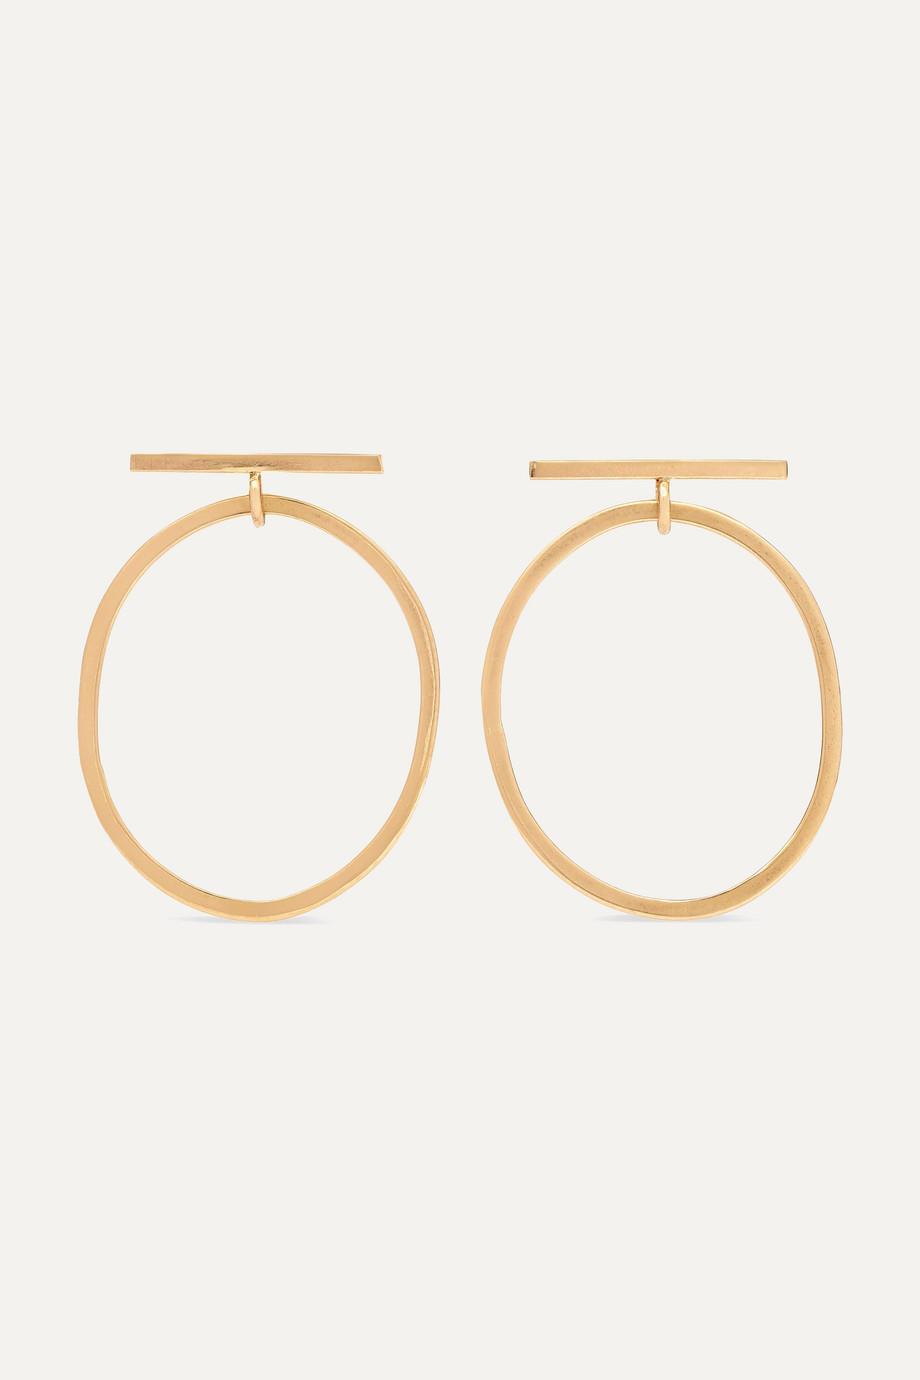 Melissa Joy Manning + NET SUSTAIN 14-karat gold hoop earrings